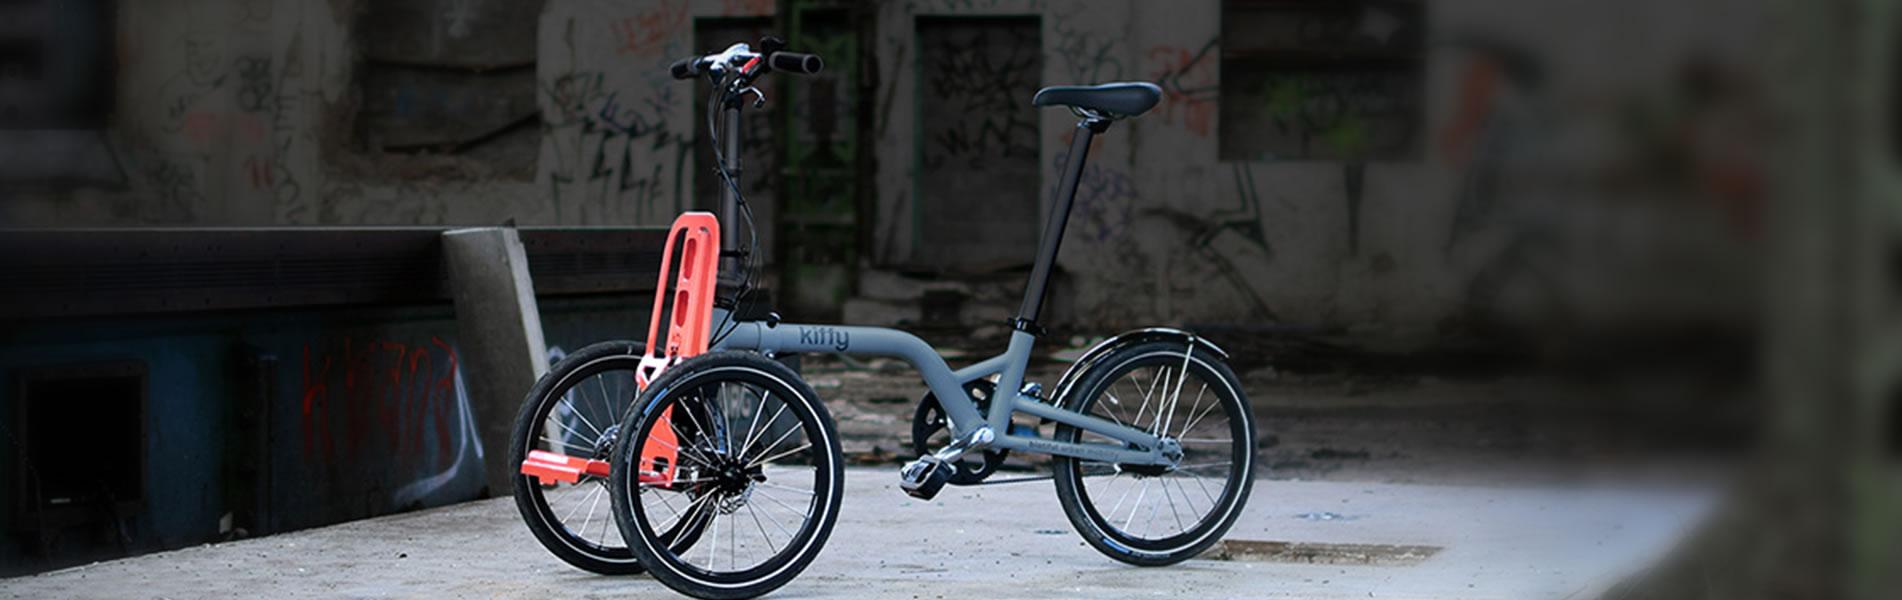 european bikes melbourne